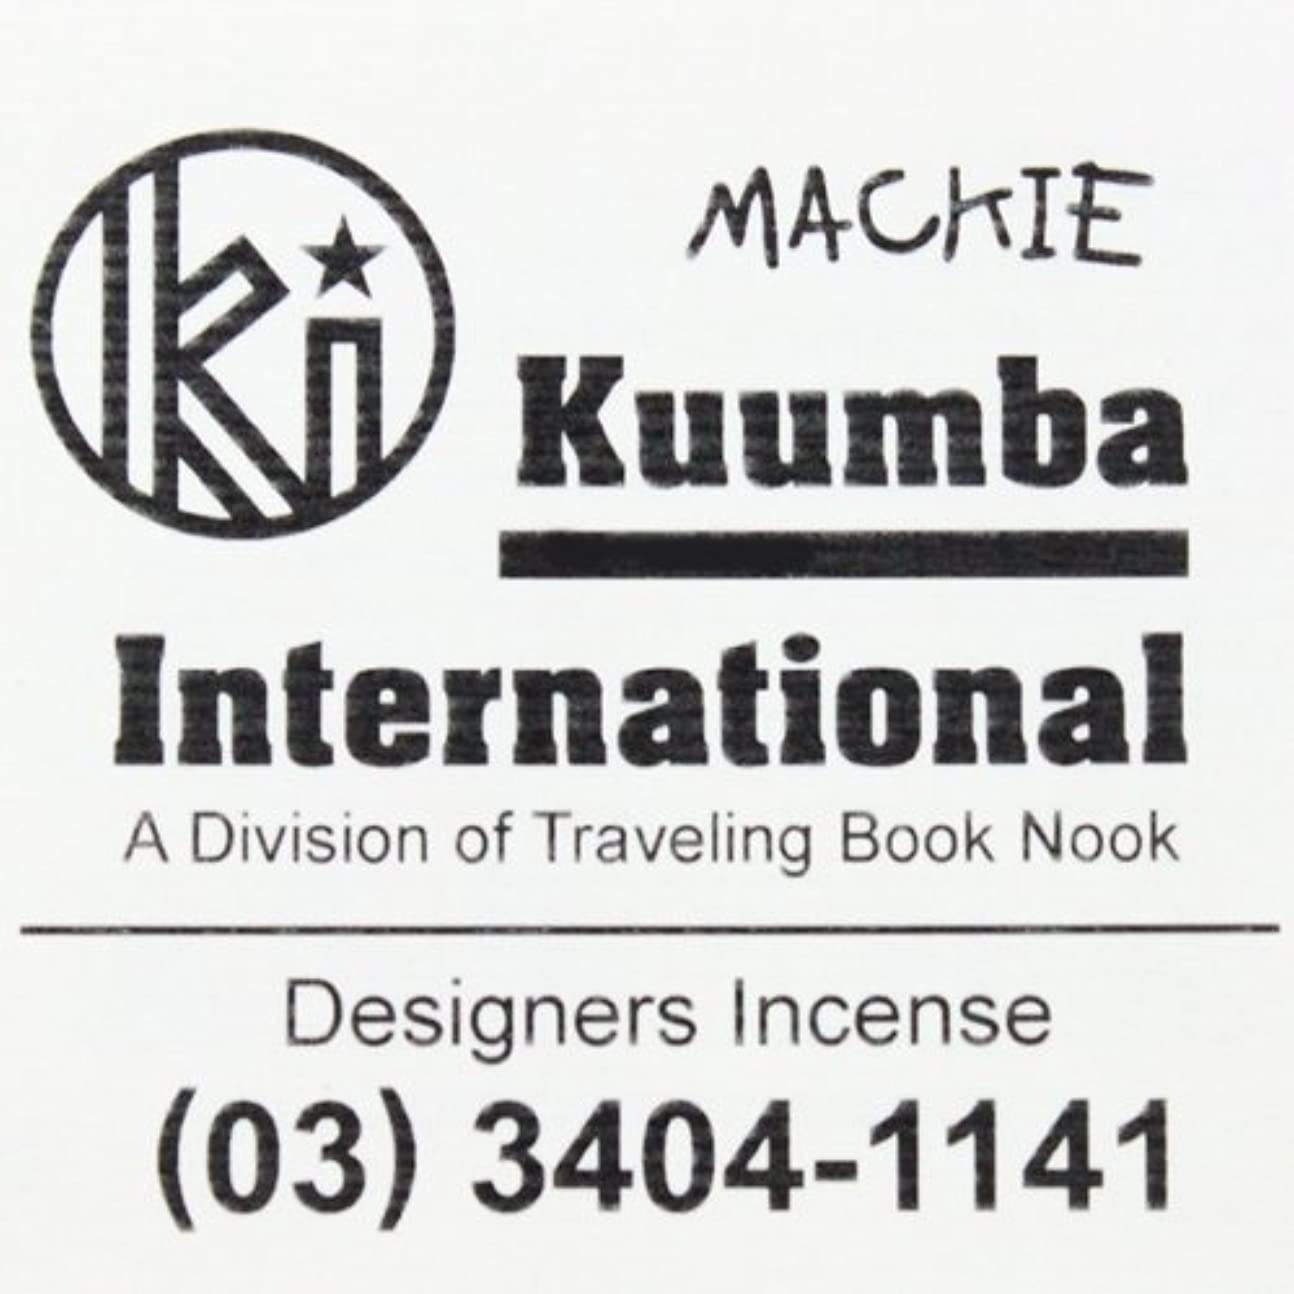 納屋モニターオーストラリア人Kuumba(クンバ)『incense』(MACKIE) (Regular size)